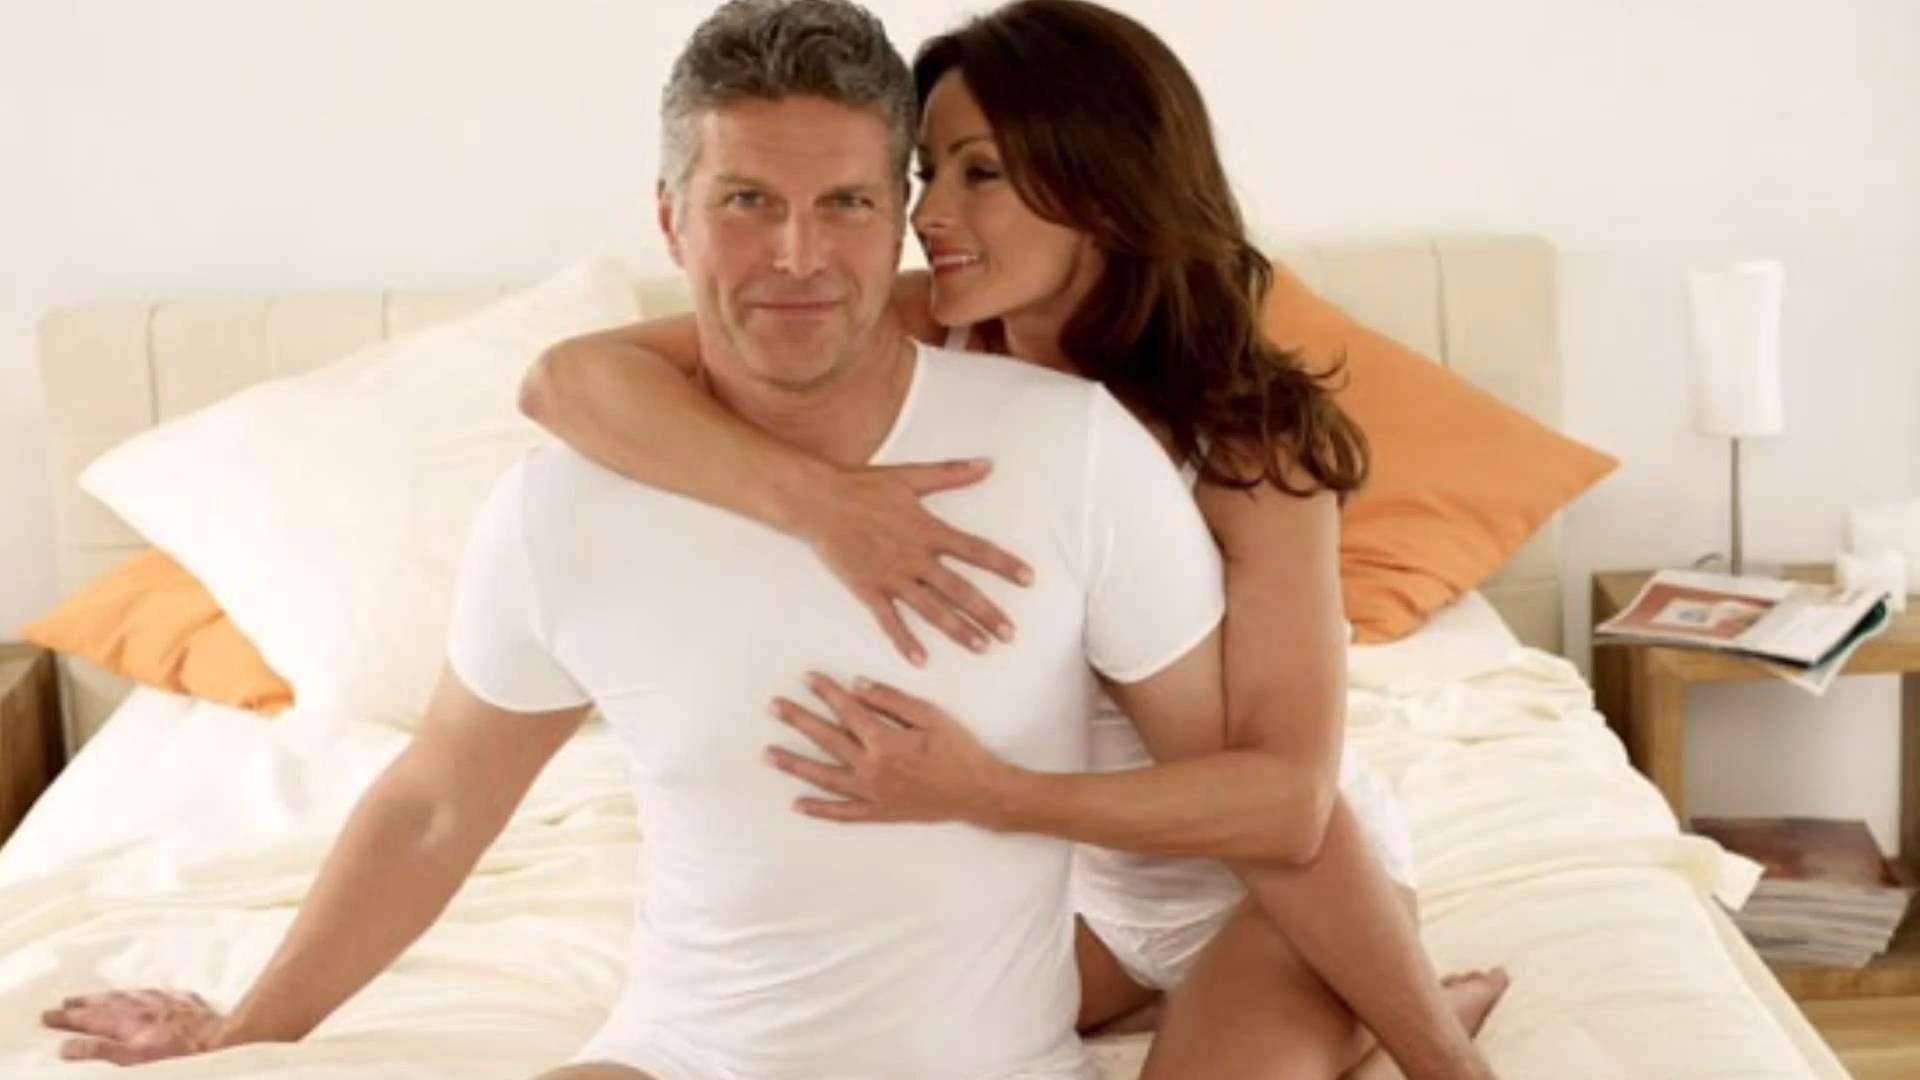 Сексуальное влечения у мужчин по годам 12 фотография